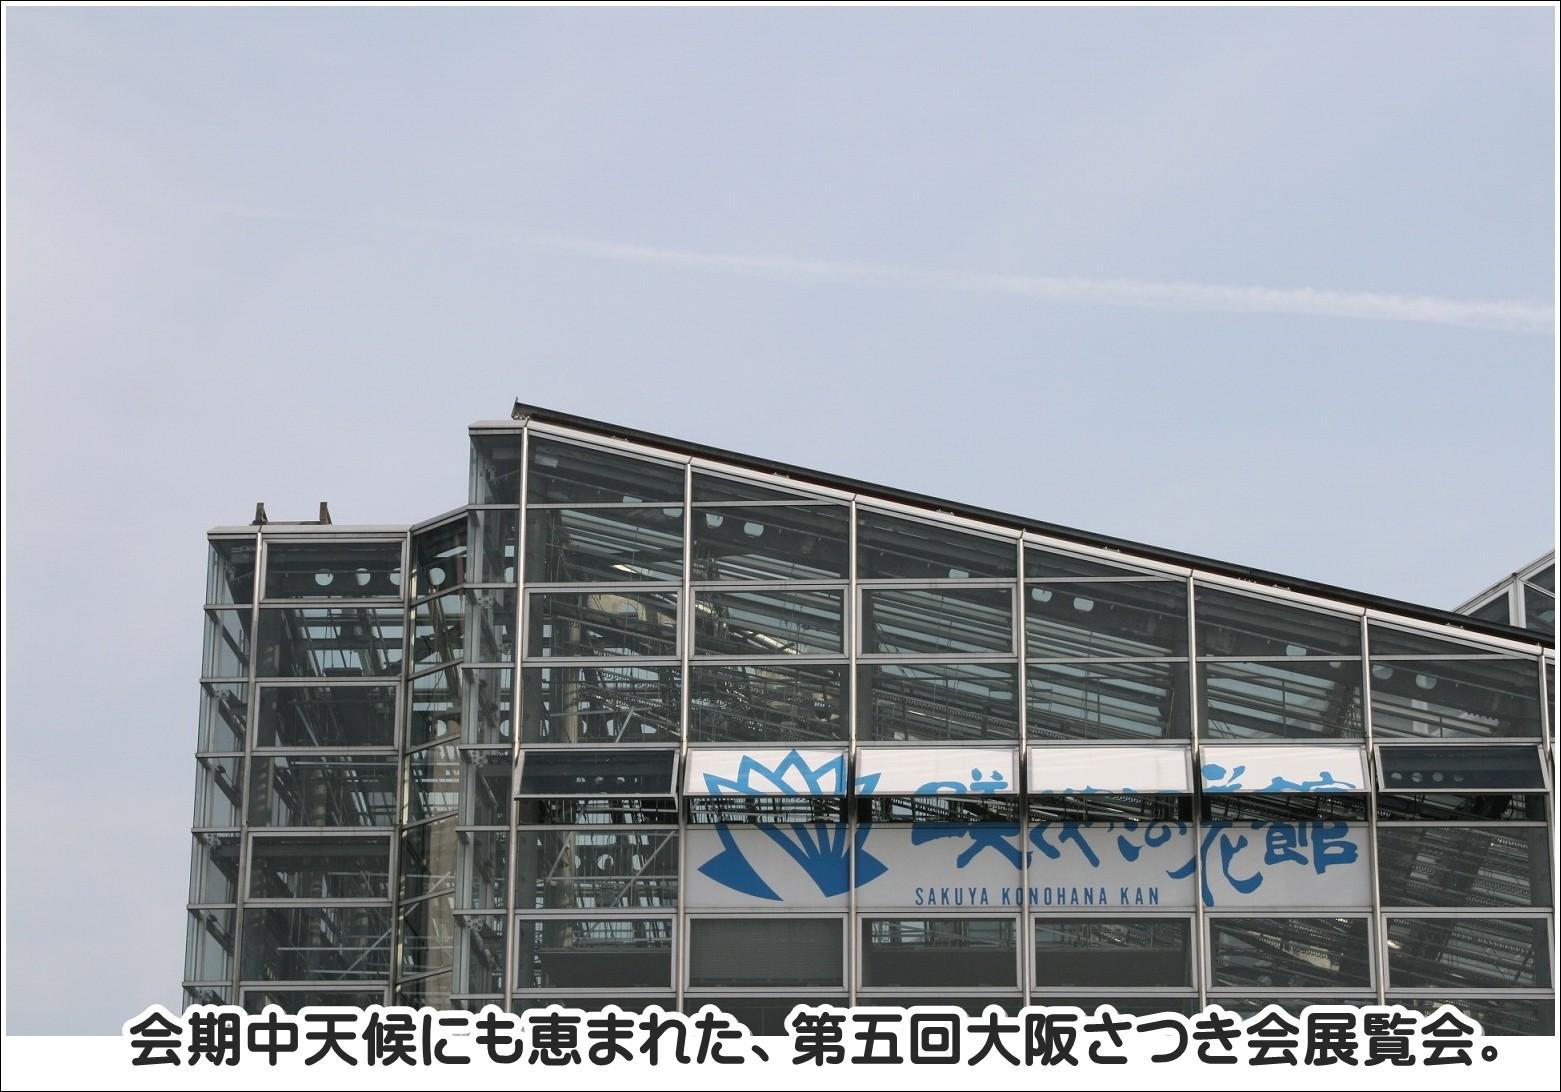 会期中天候にも恵まれた、第5回大阪さつき会展覧会